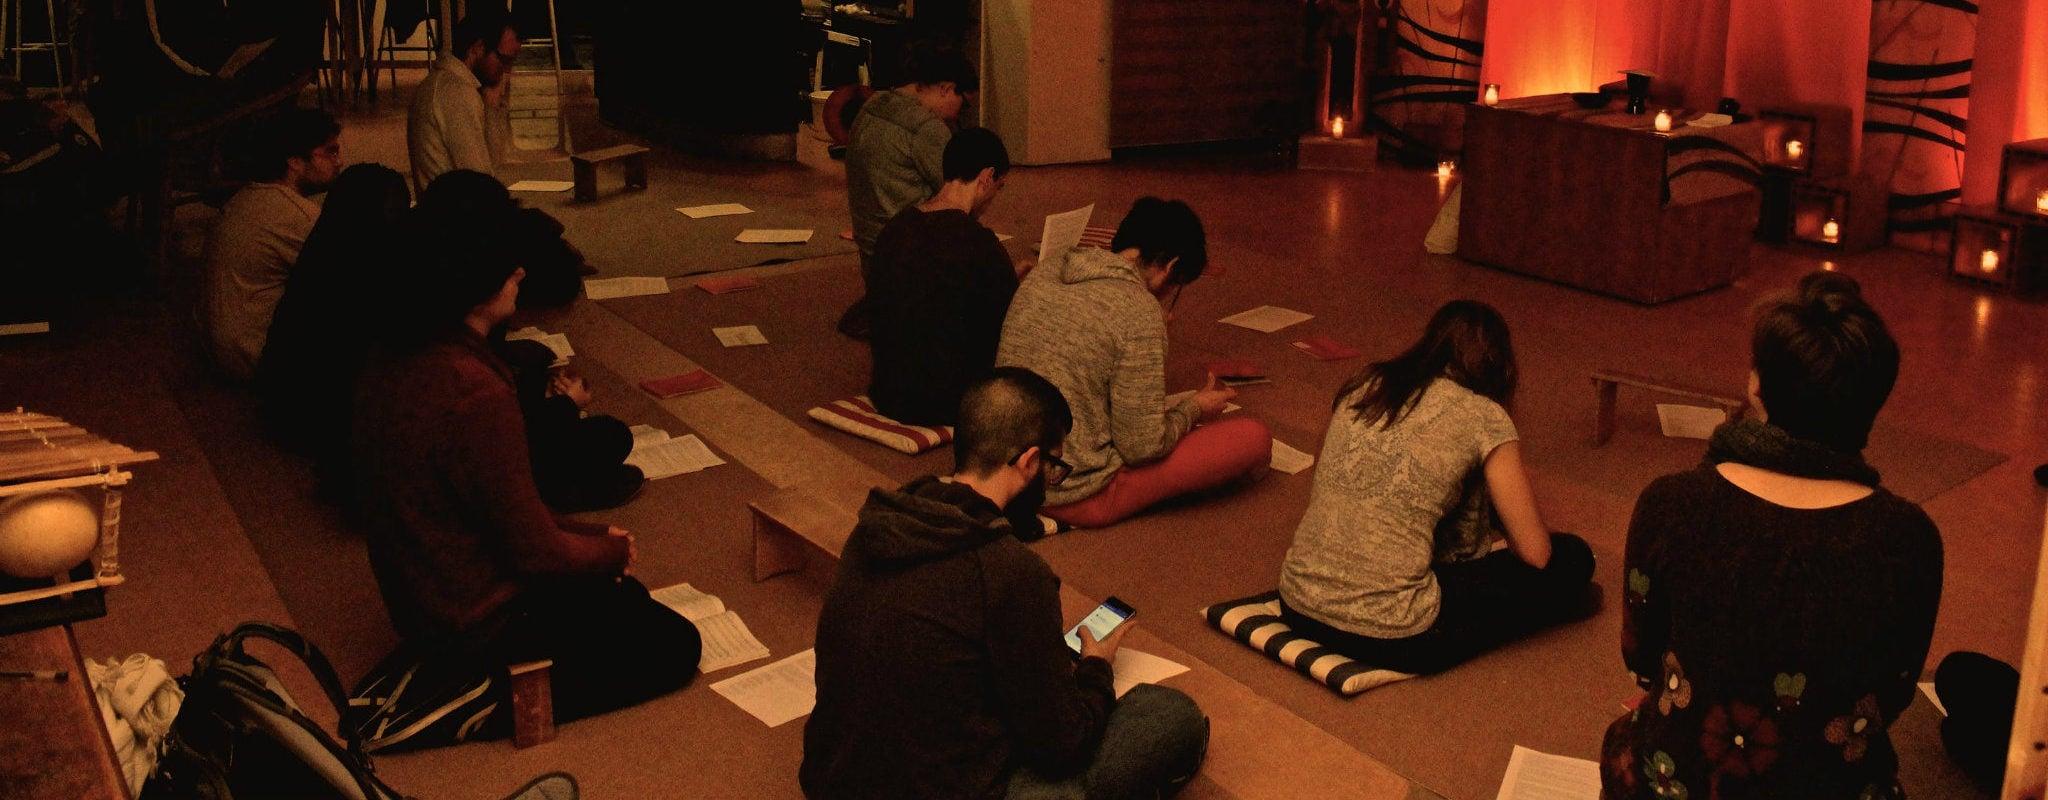 Jeunes strasbourgeois et catholiques pratiquants, ils veulent revisiter les traditions